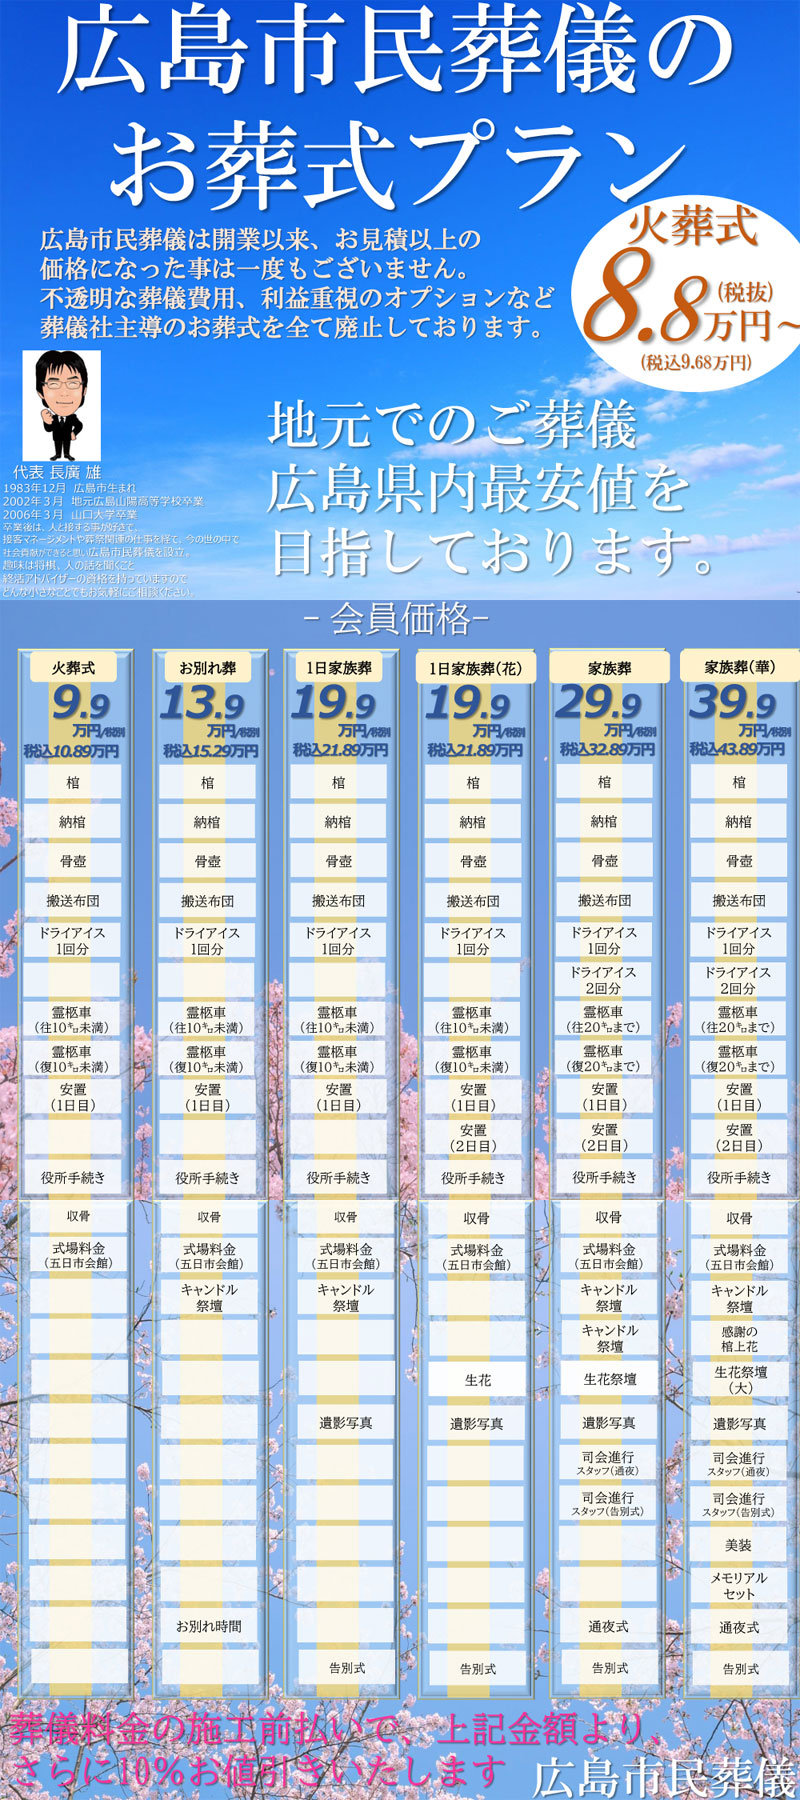 広島市民葬儀新料金表